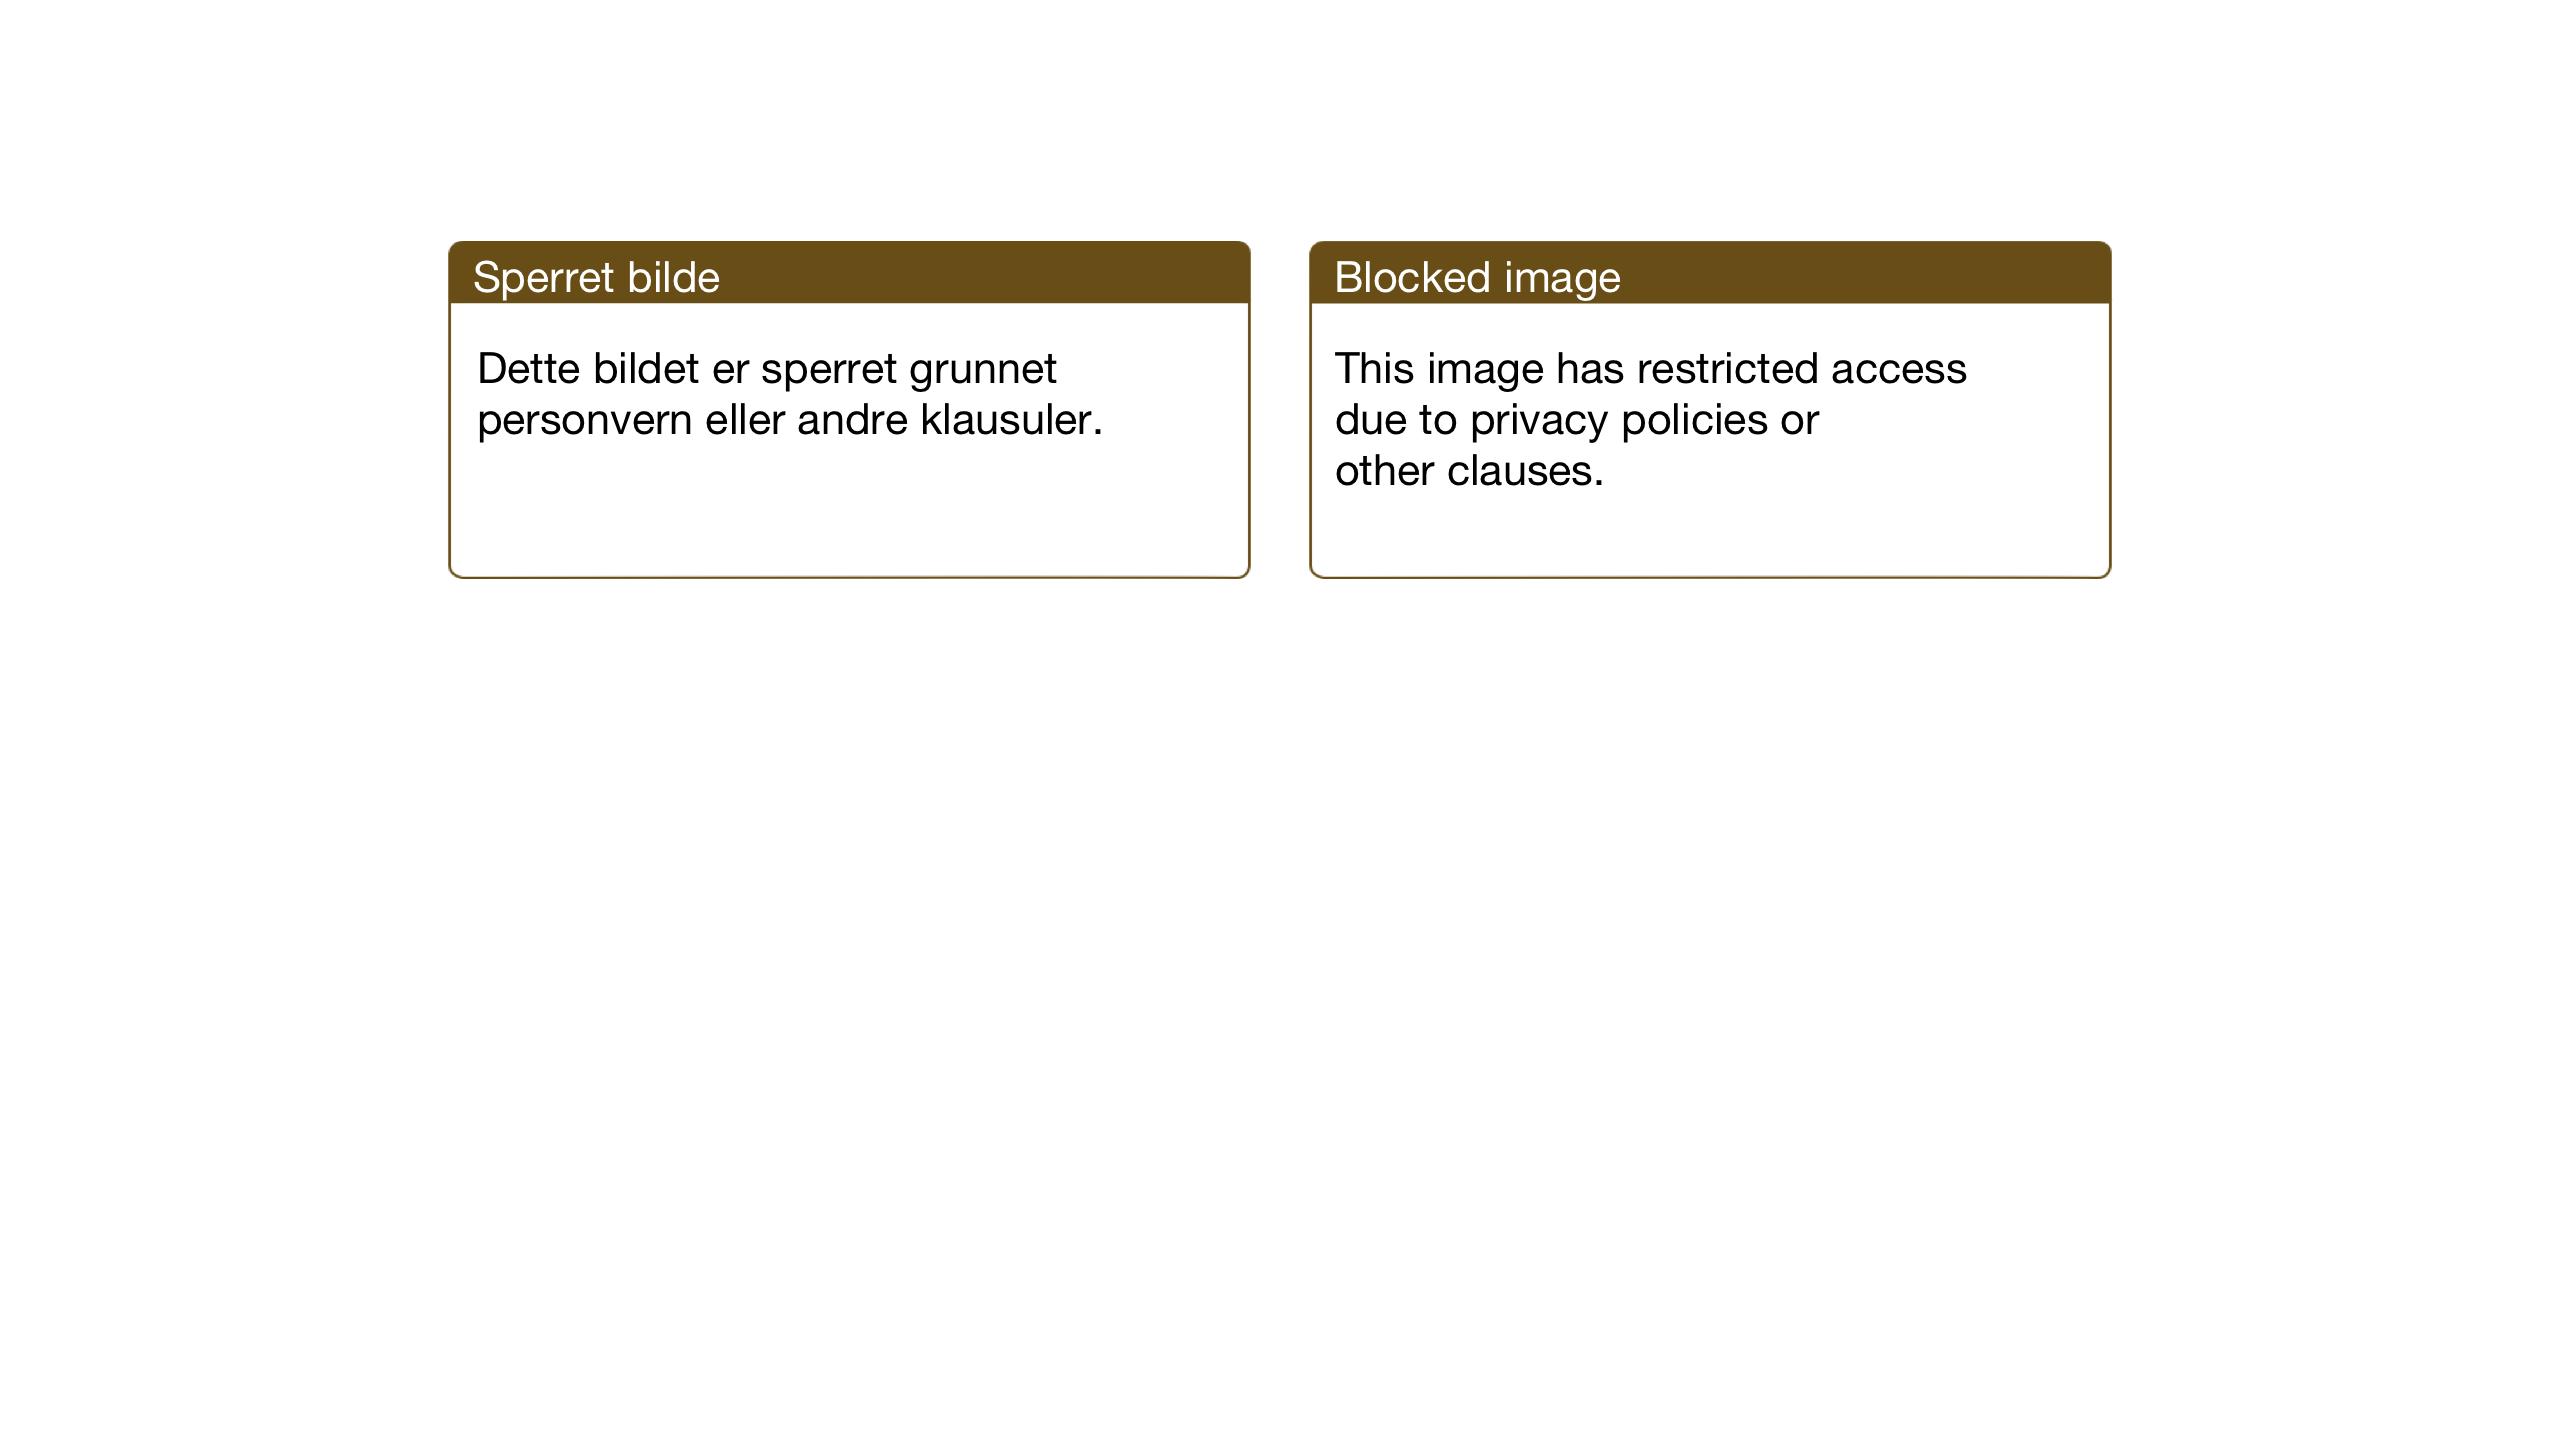 SAT, Ministerialprotokoller, klokkerbøker og fødselsregistre - Sør-Trøndelag, 698/L1169: Klokkerbok nr. 698C06, 1930-1949, s. 32